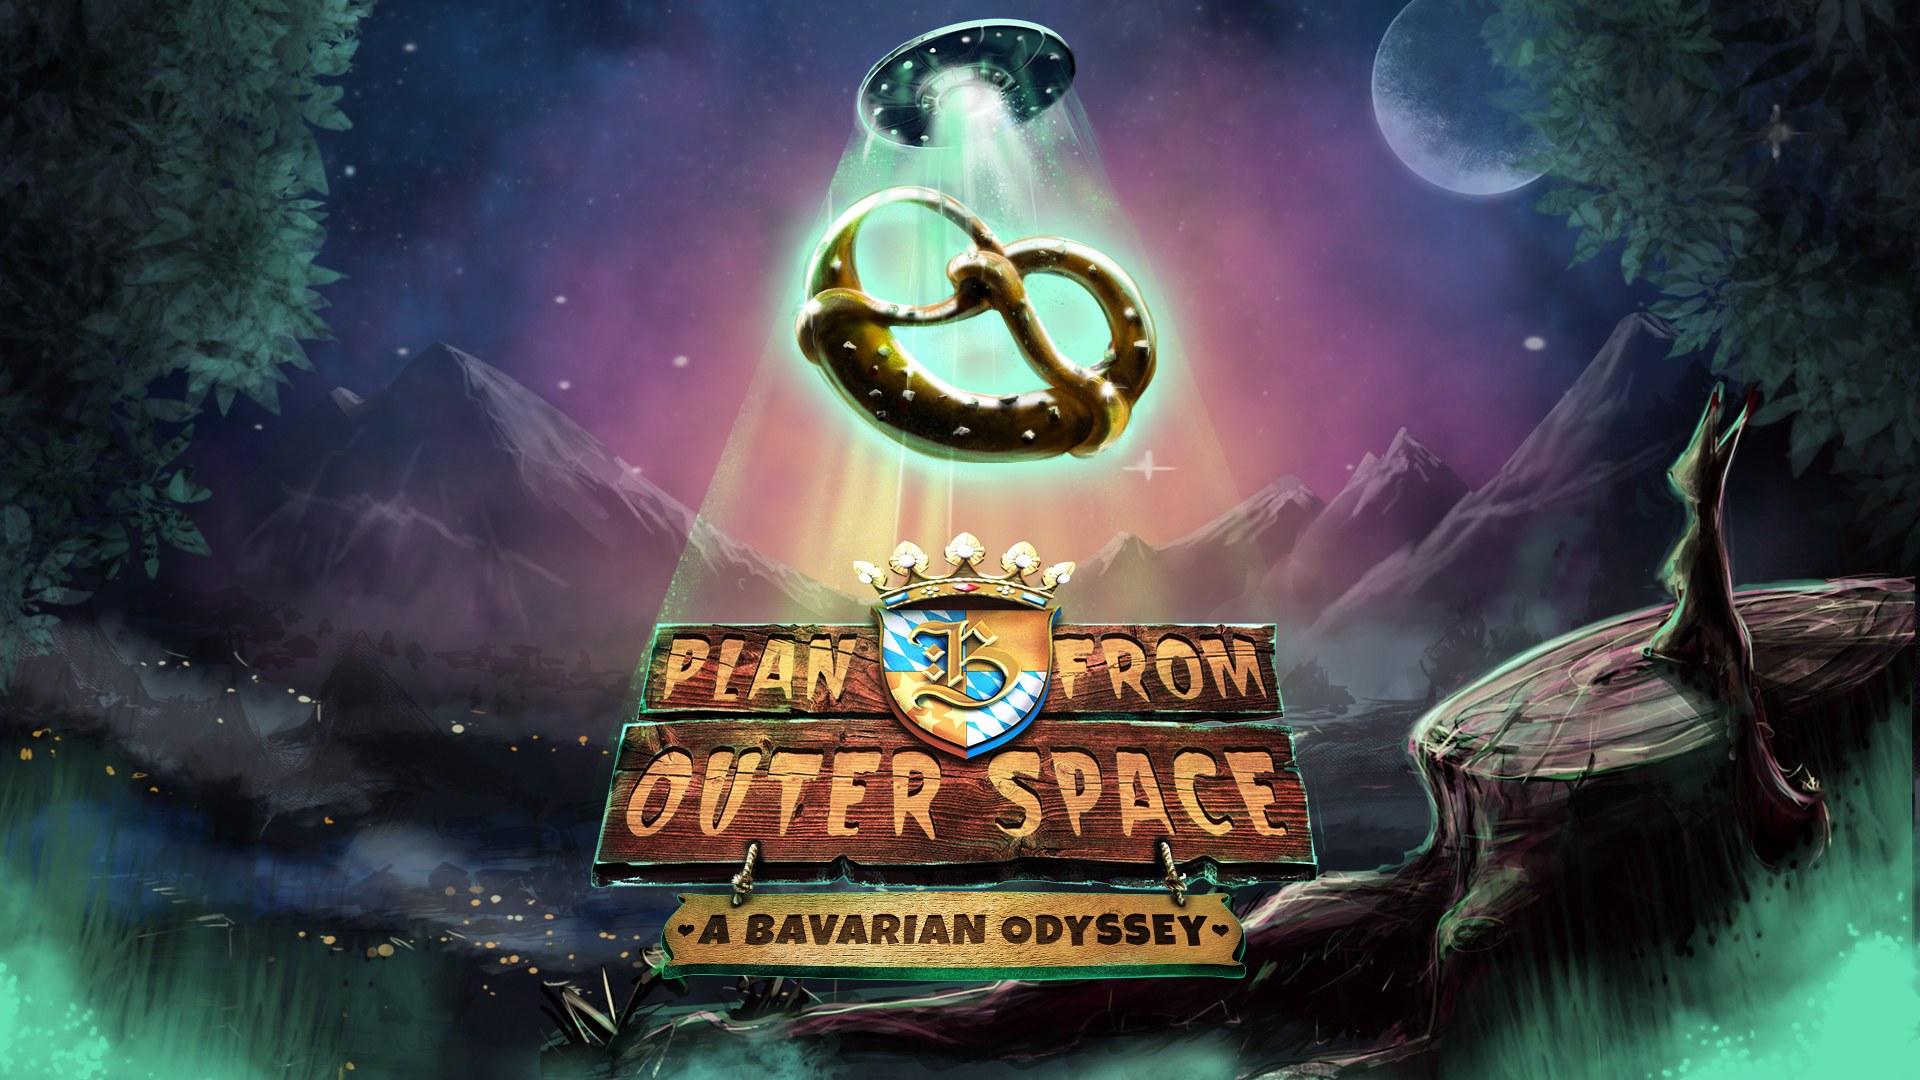 Plan B from Outer Space: A Bavarian Odyssey - key art | Assemble Entertainment, Robot Pumpkin Games